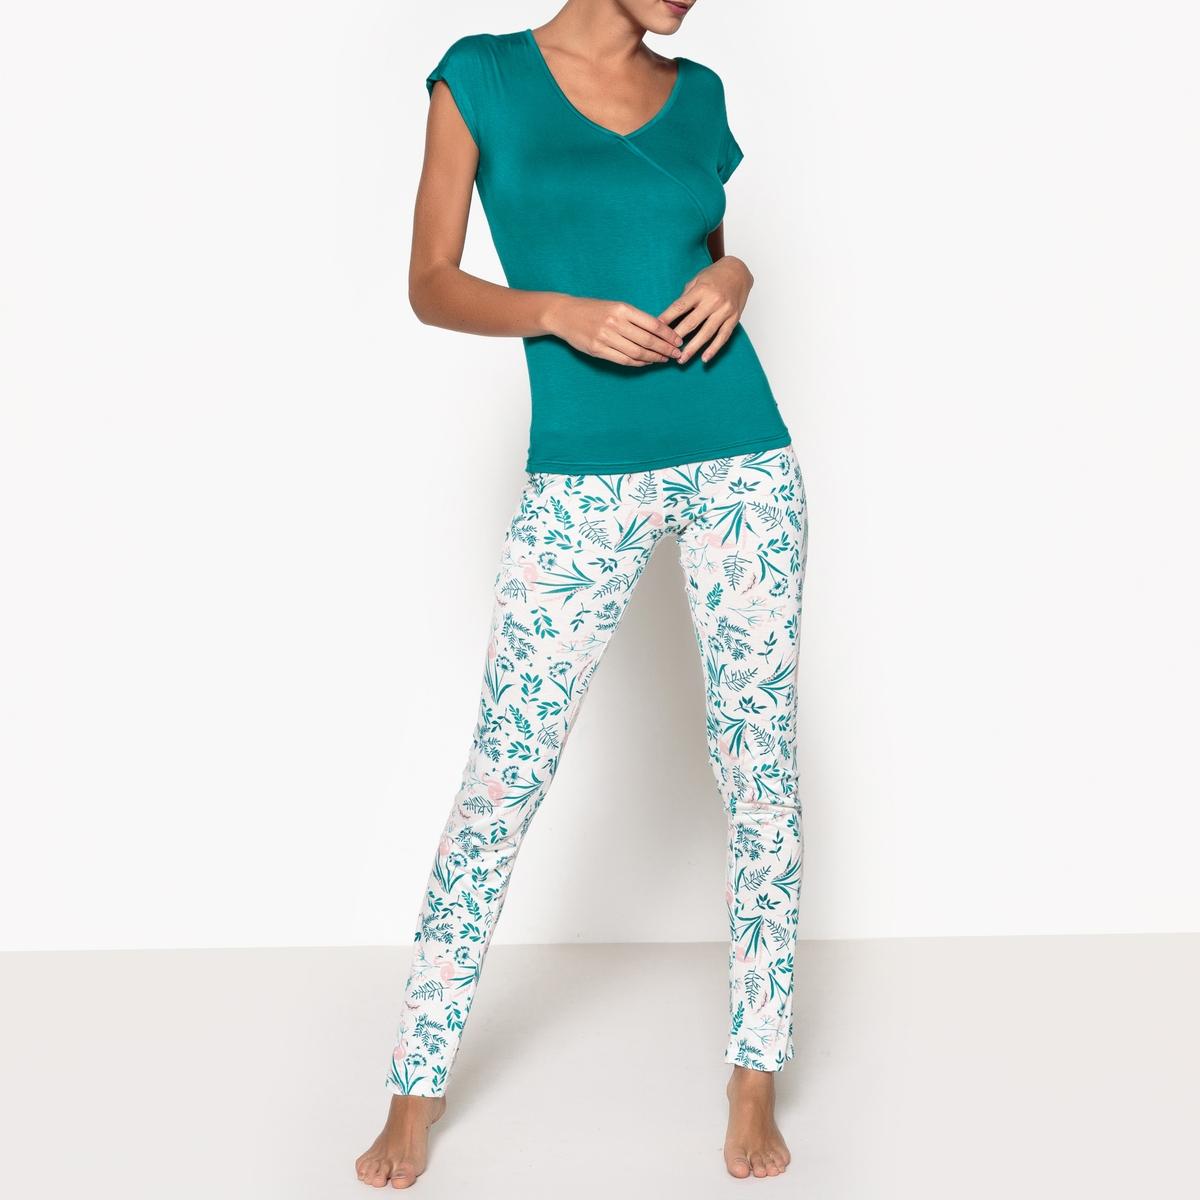 Пижама из вискозы с рисунком растения, Arome пижама с шортами с рисунком